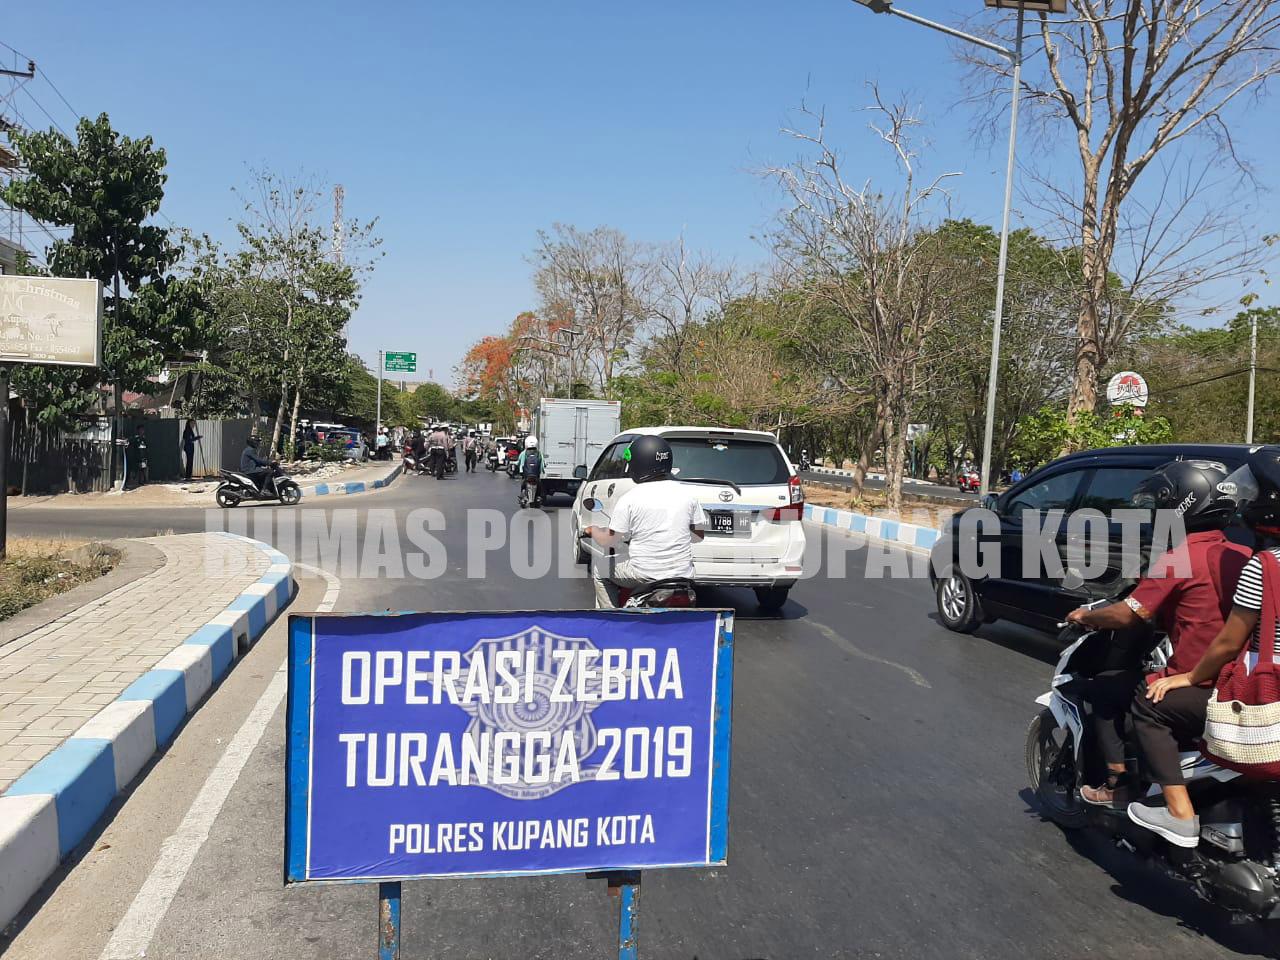 Hari Kedua Operasi Zebra Turangga 2019,Polres Kupang Kota Tilang 42 Pengendara, Ini Dominasinya.